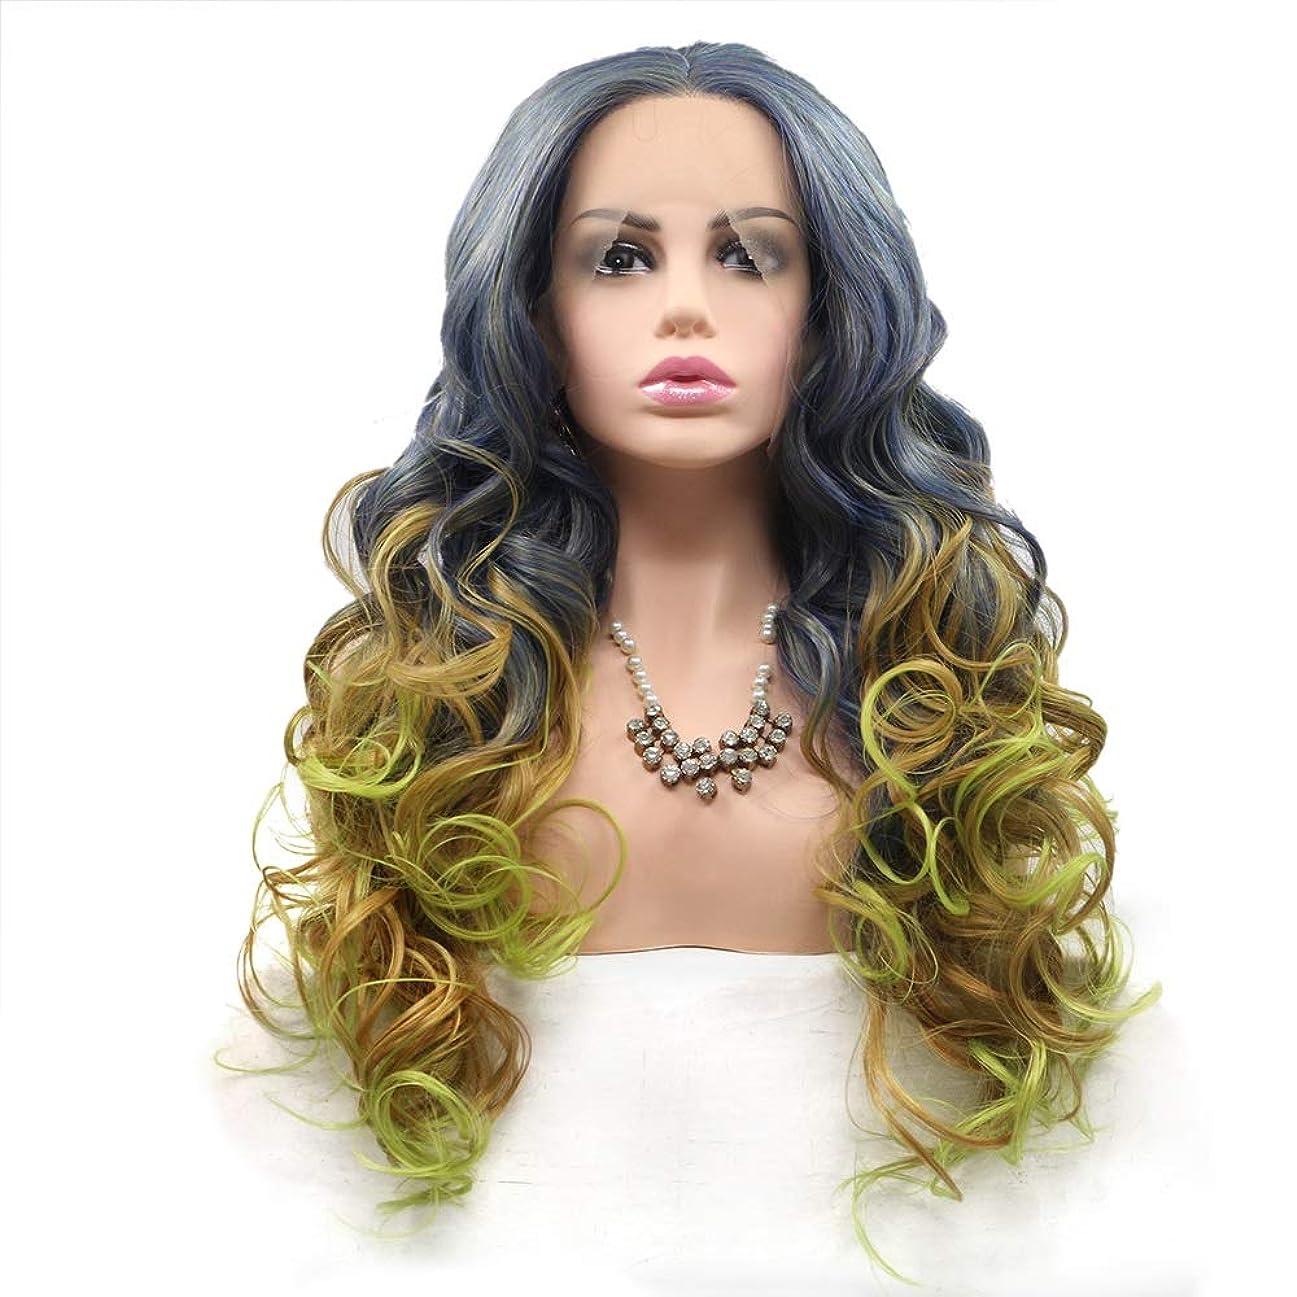 パッケージコンテンポラリーメロディアスZXF 染色された女性のヨーロッパとアメリカのかつらは化学繊維かつら髪セットの真ん中にセット - グリーン - 長い巻き毛 - グラデーション - 多色 美しい